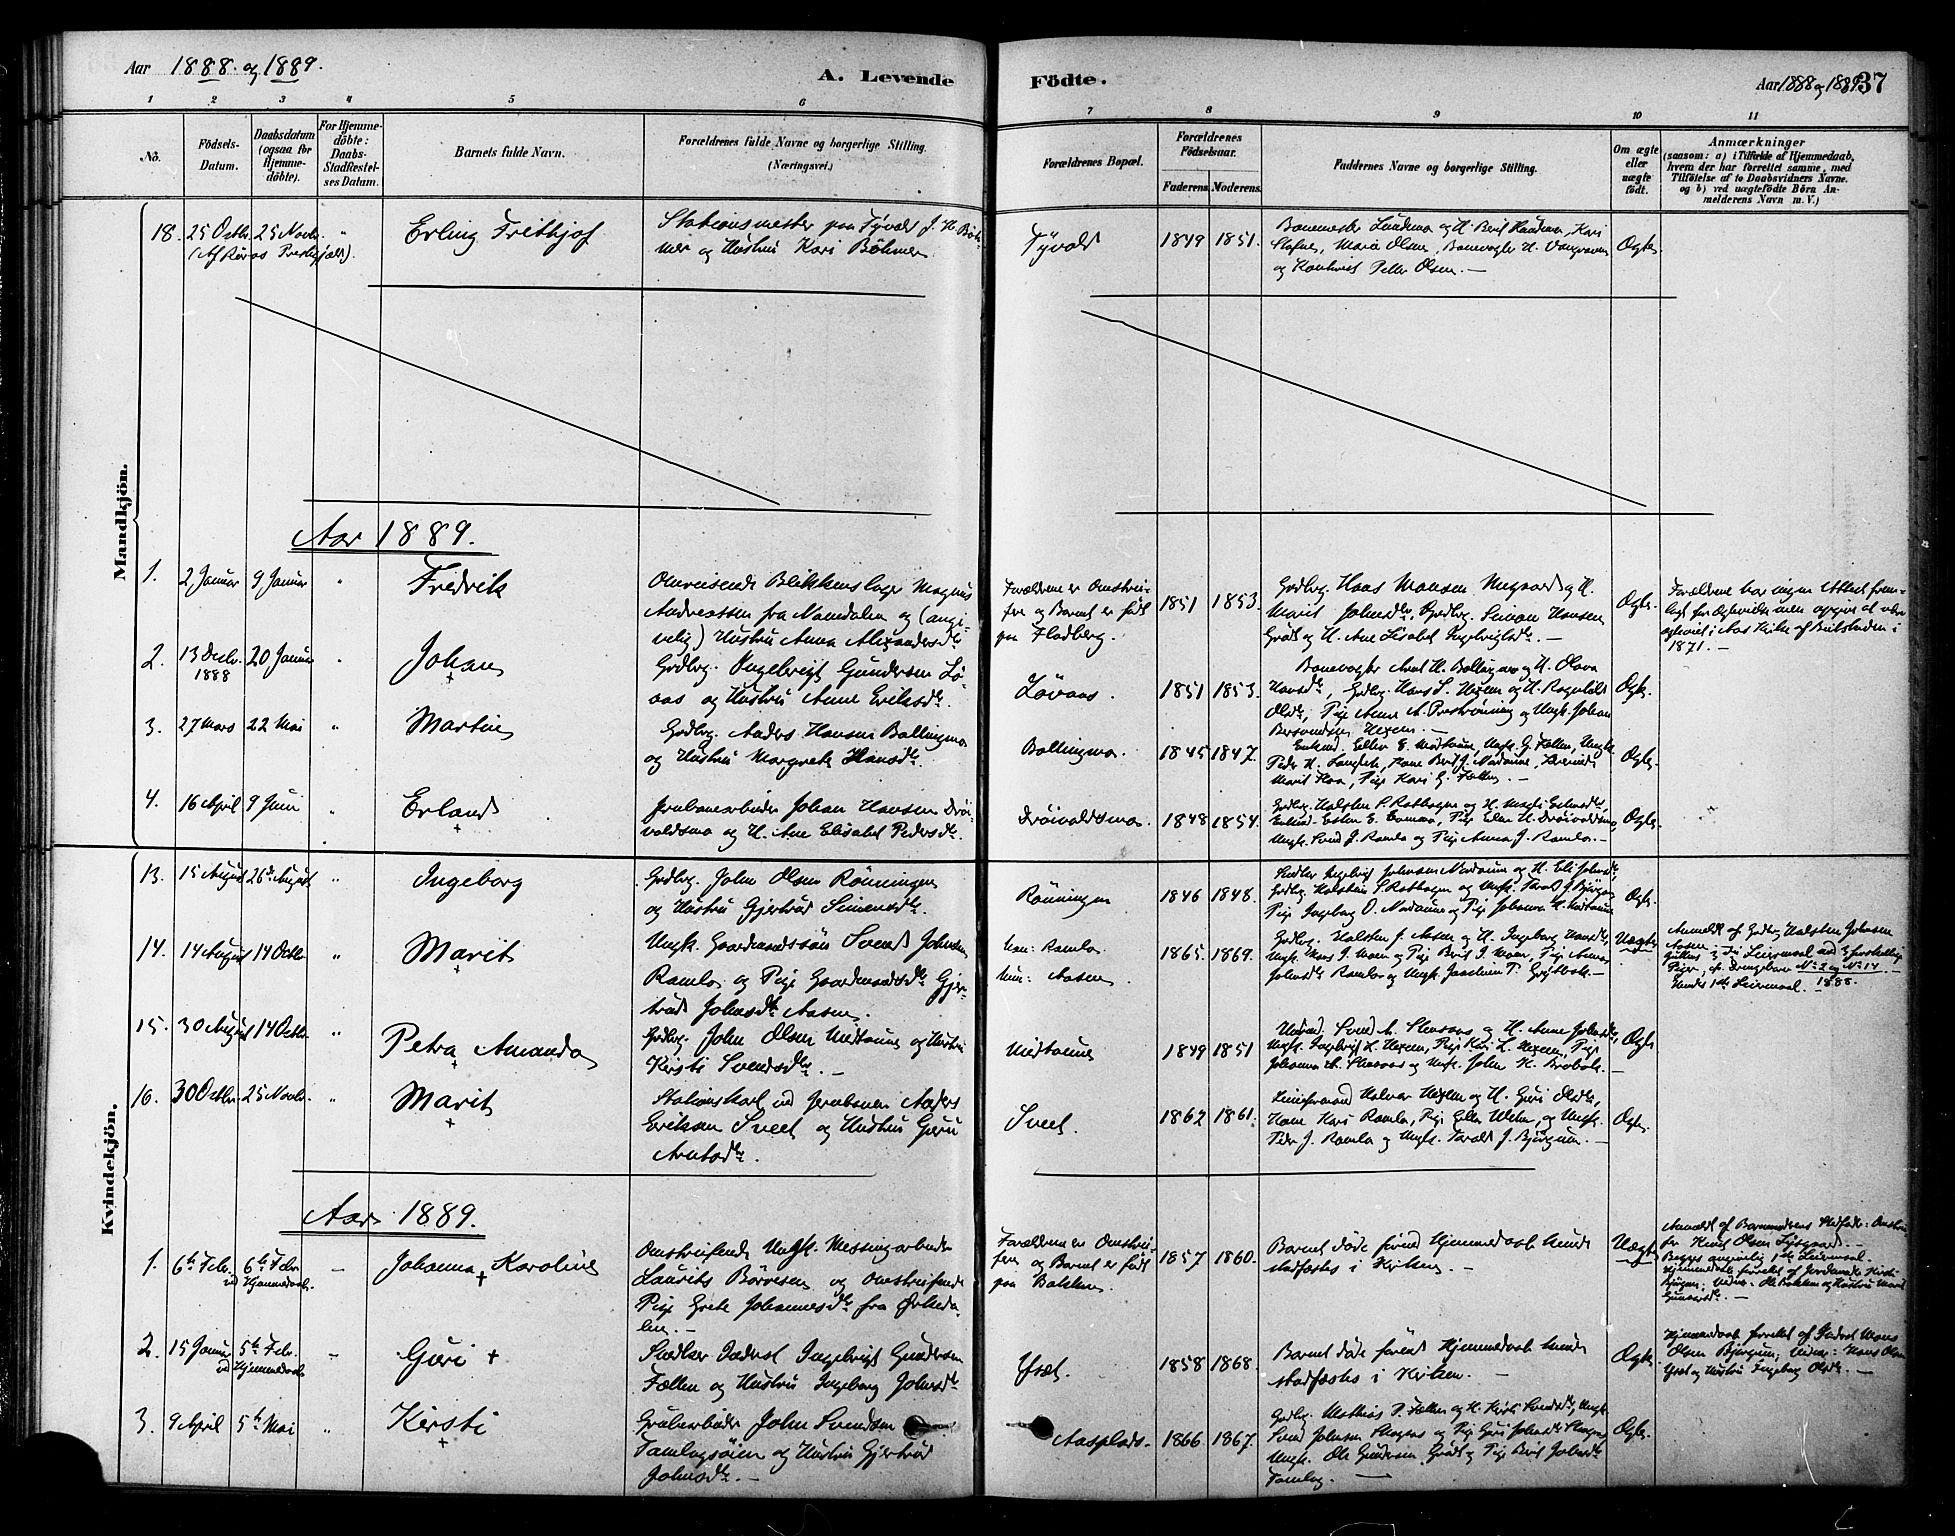 SAT, Ministerialprotokoller, klokkerbøker og fødselsregistre - Sør-Trøndelag, 685/L0972: Ministerialbok nr. 685A09, 1879-1890, s. 37